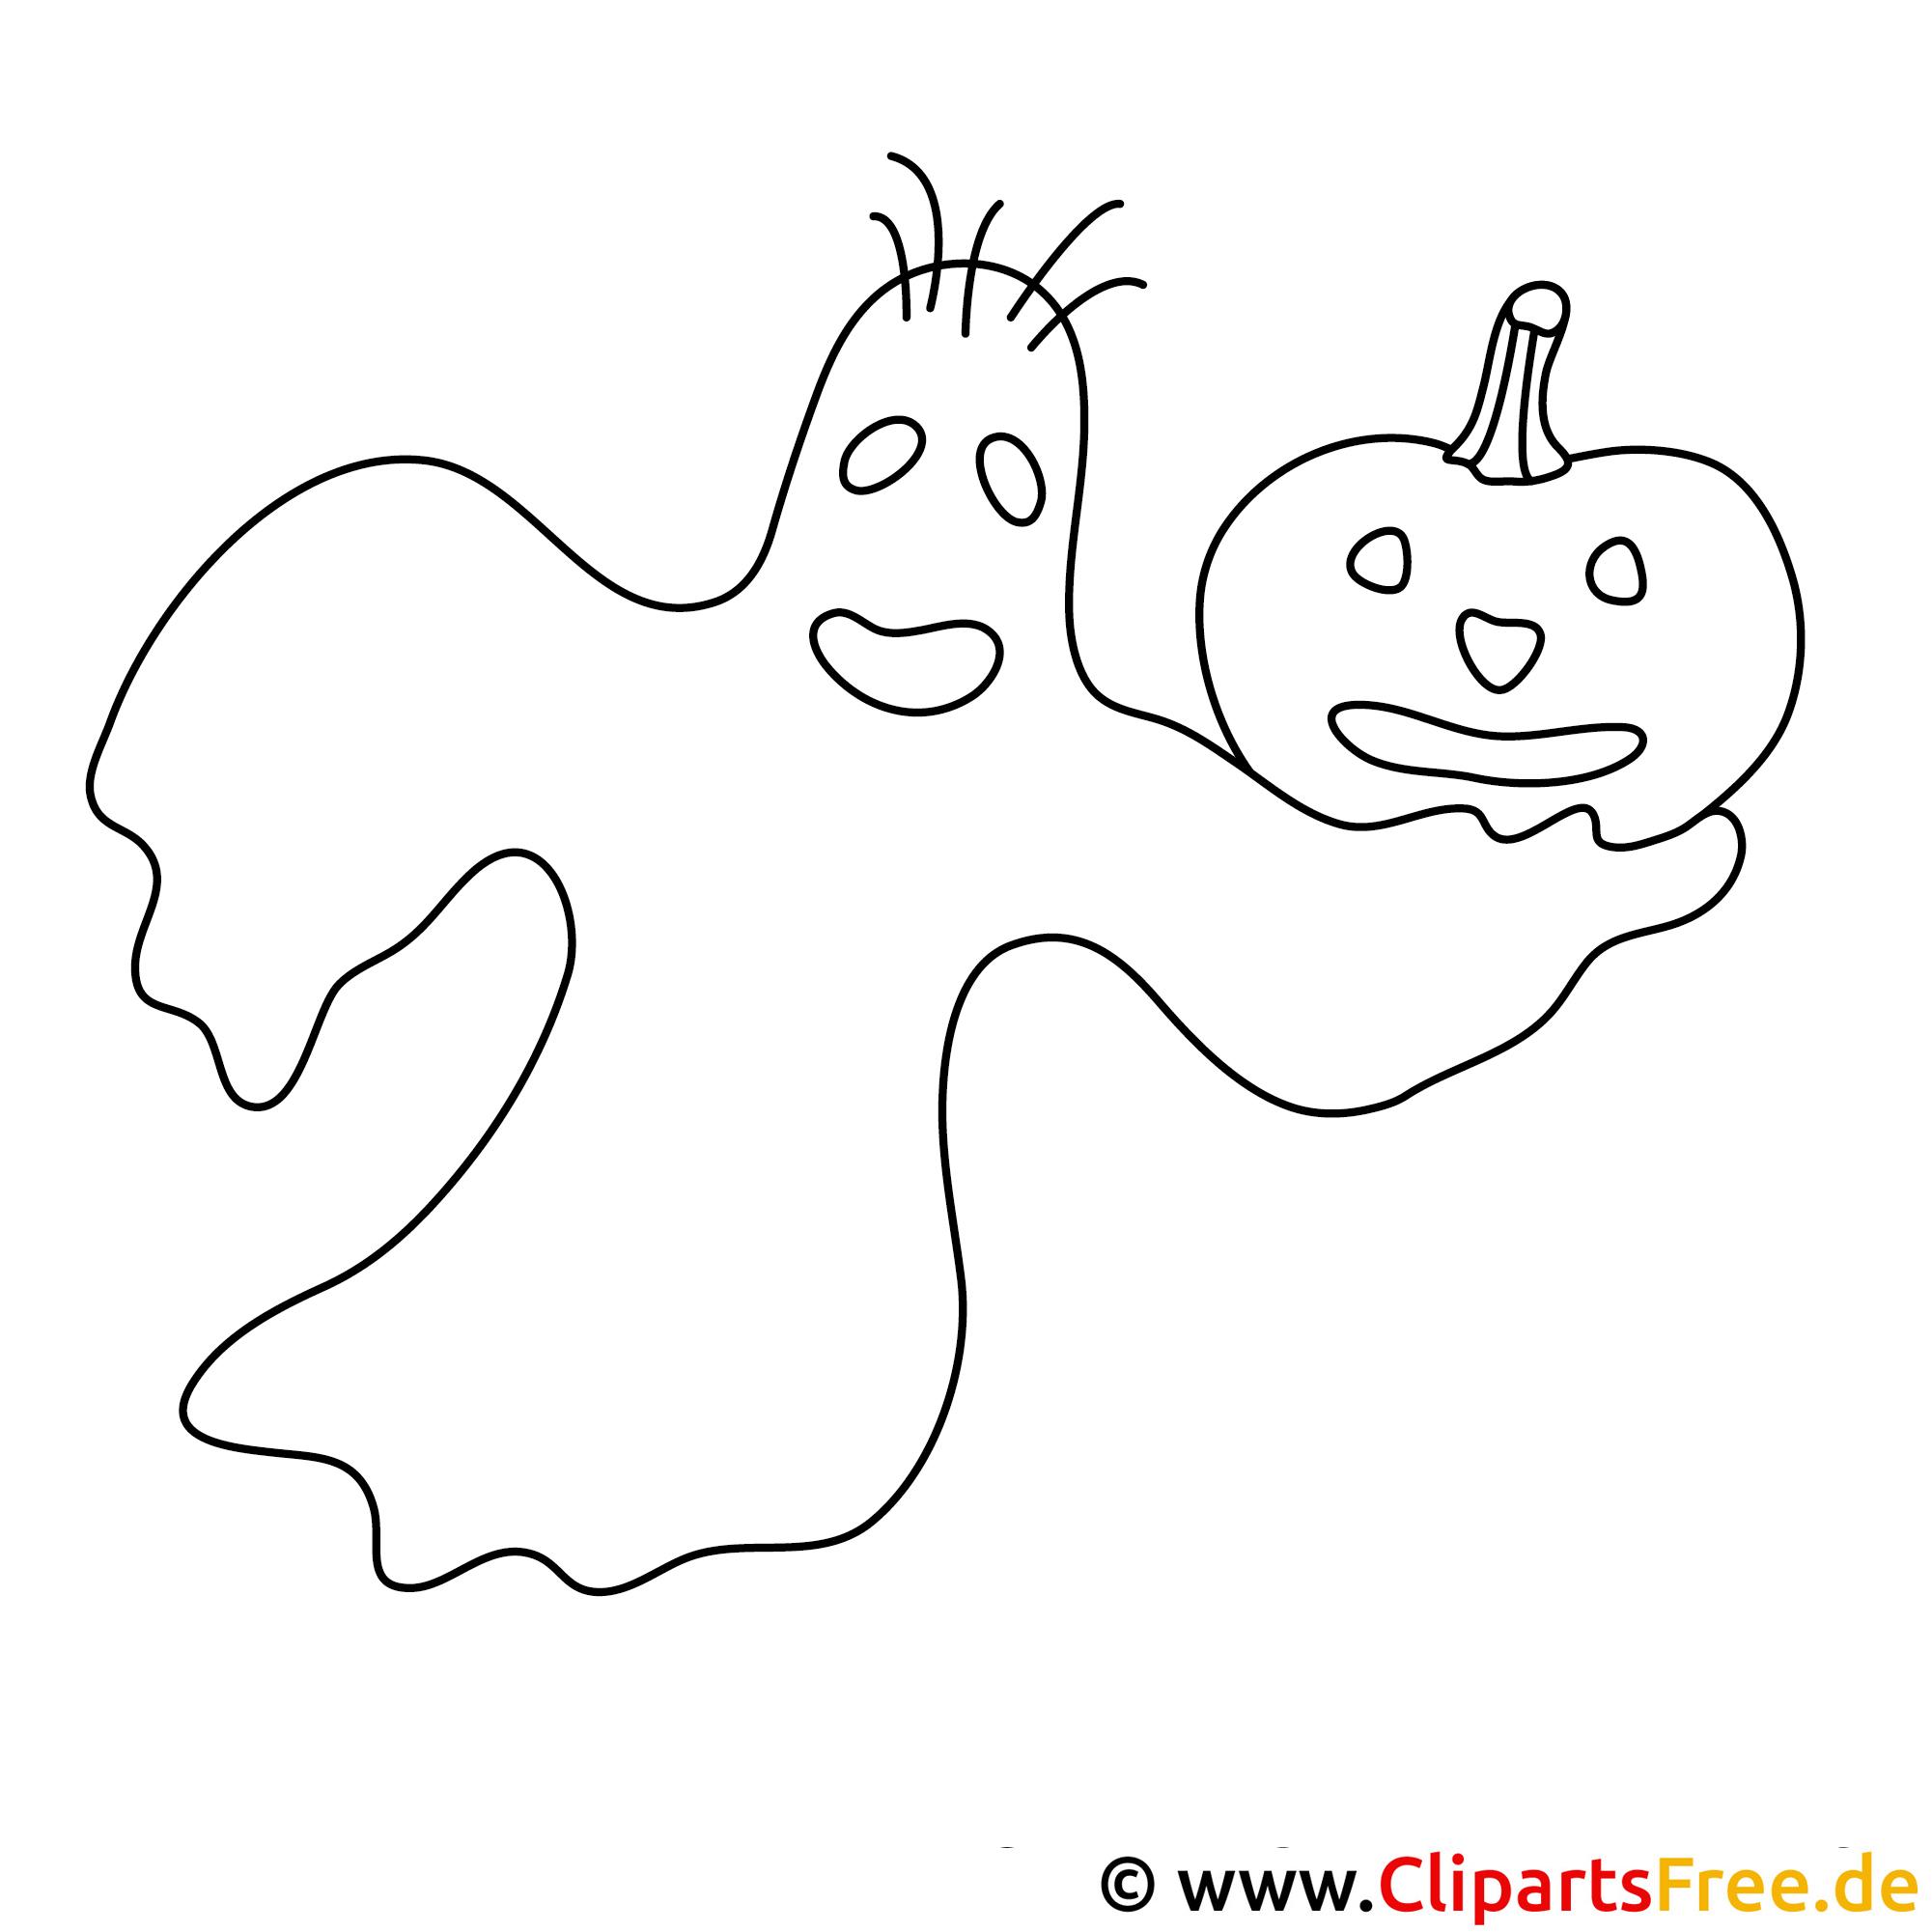 Gespenst Halloween Malvorlage kostenlos